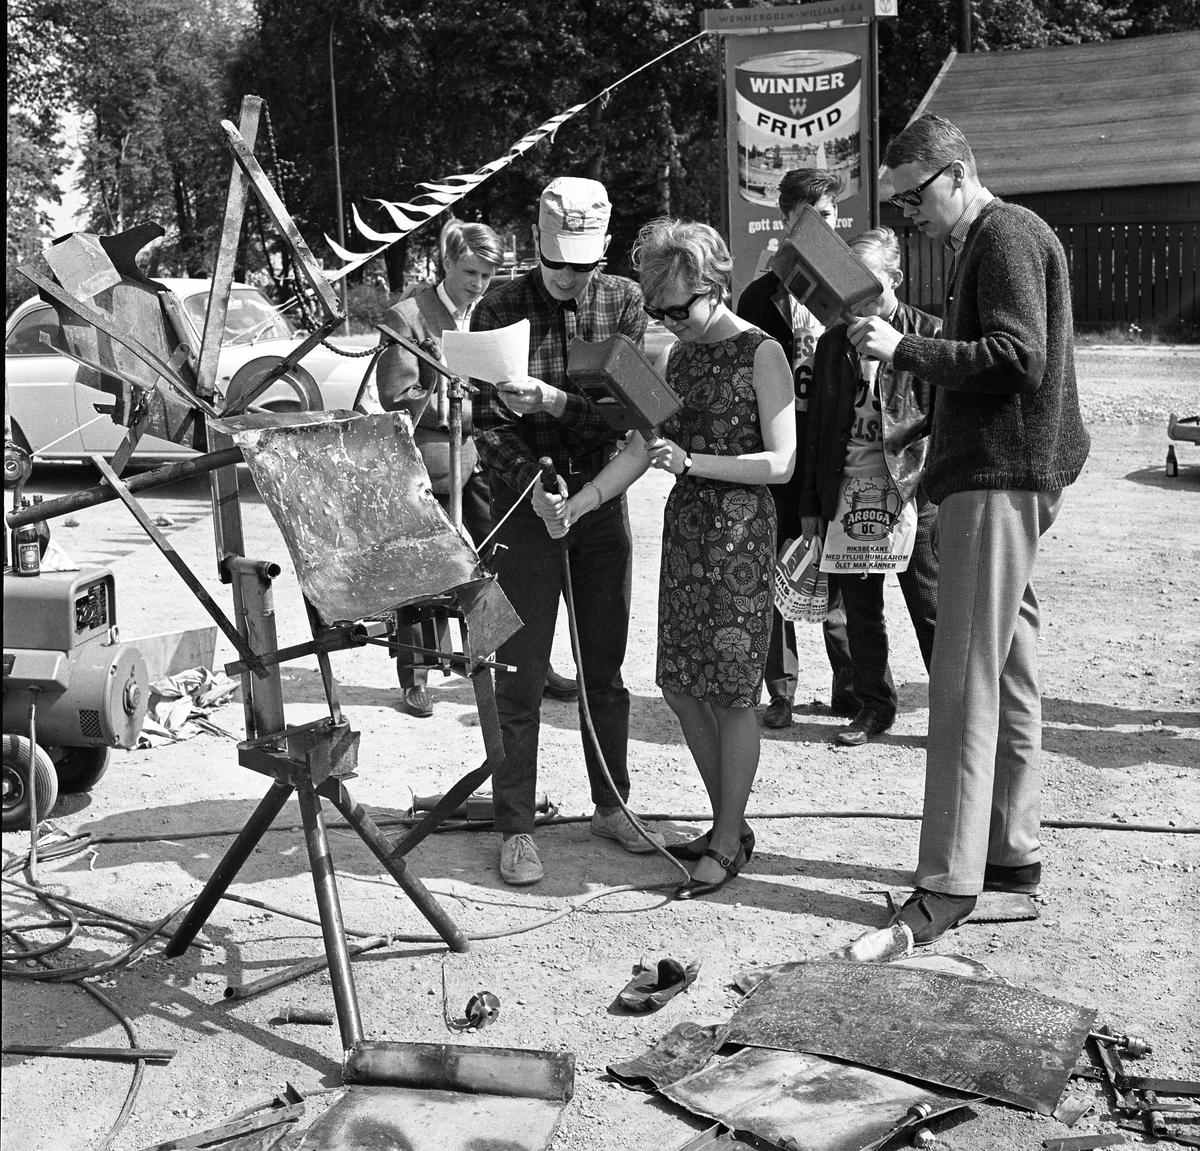 Arboga Tekniska skola. Äldre elever har hittat på besvärliga uppgifter till nykomlingarna. En kvinnlig elev svetsar medan andra ser på. I bakgrunden syns en bil.